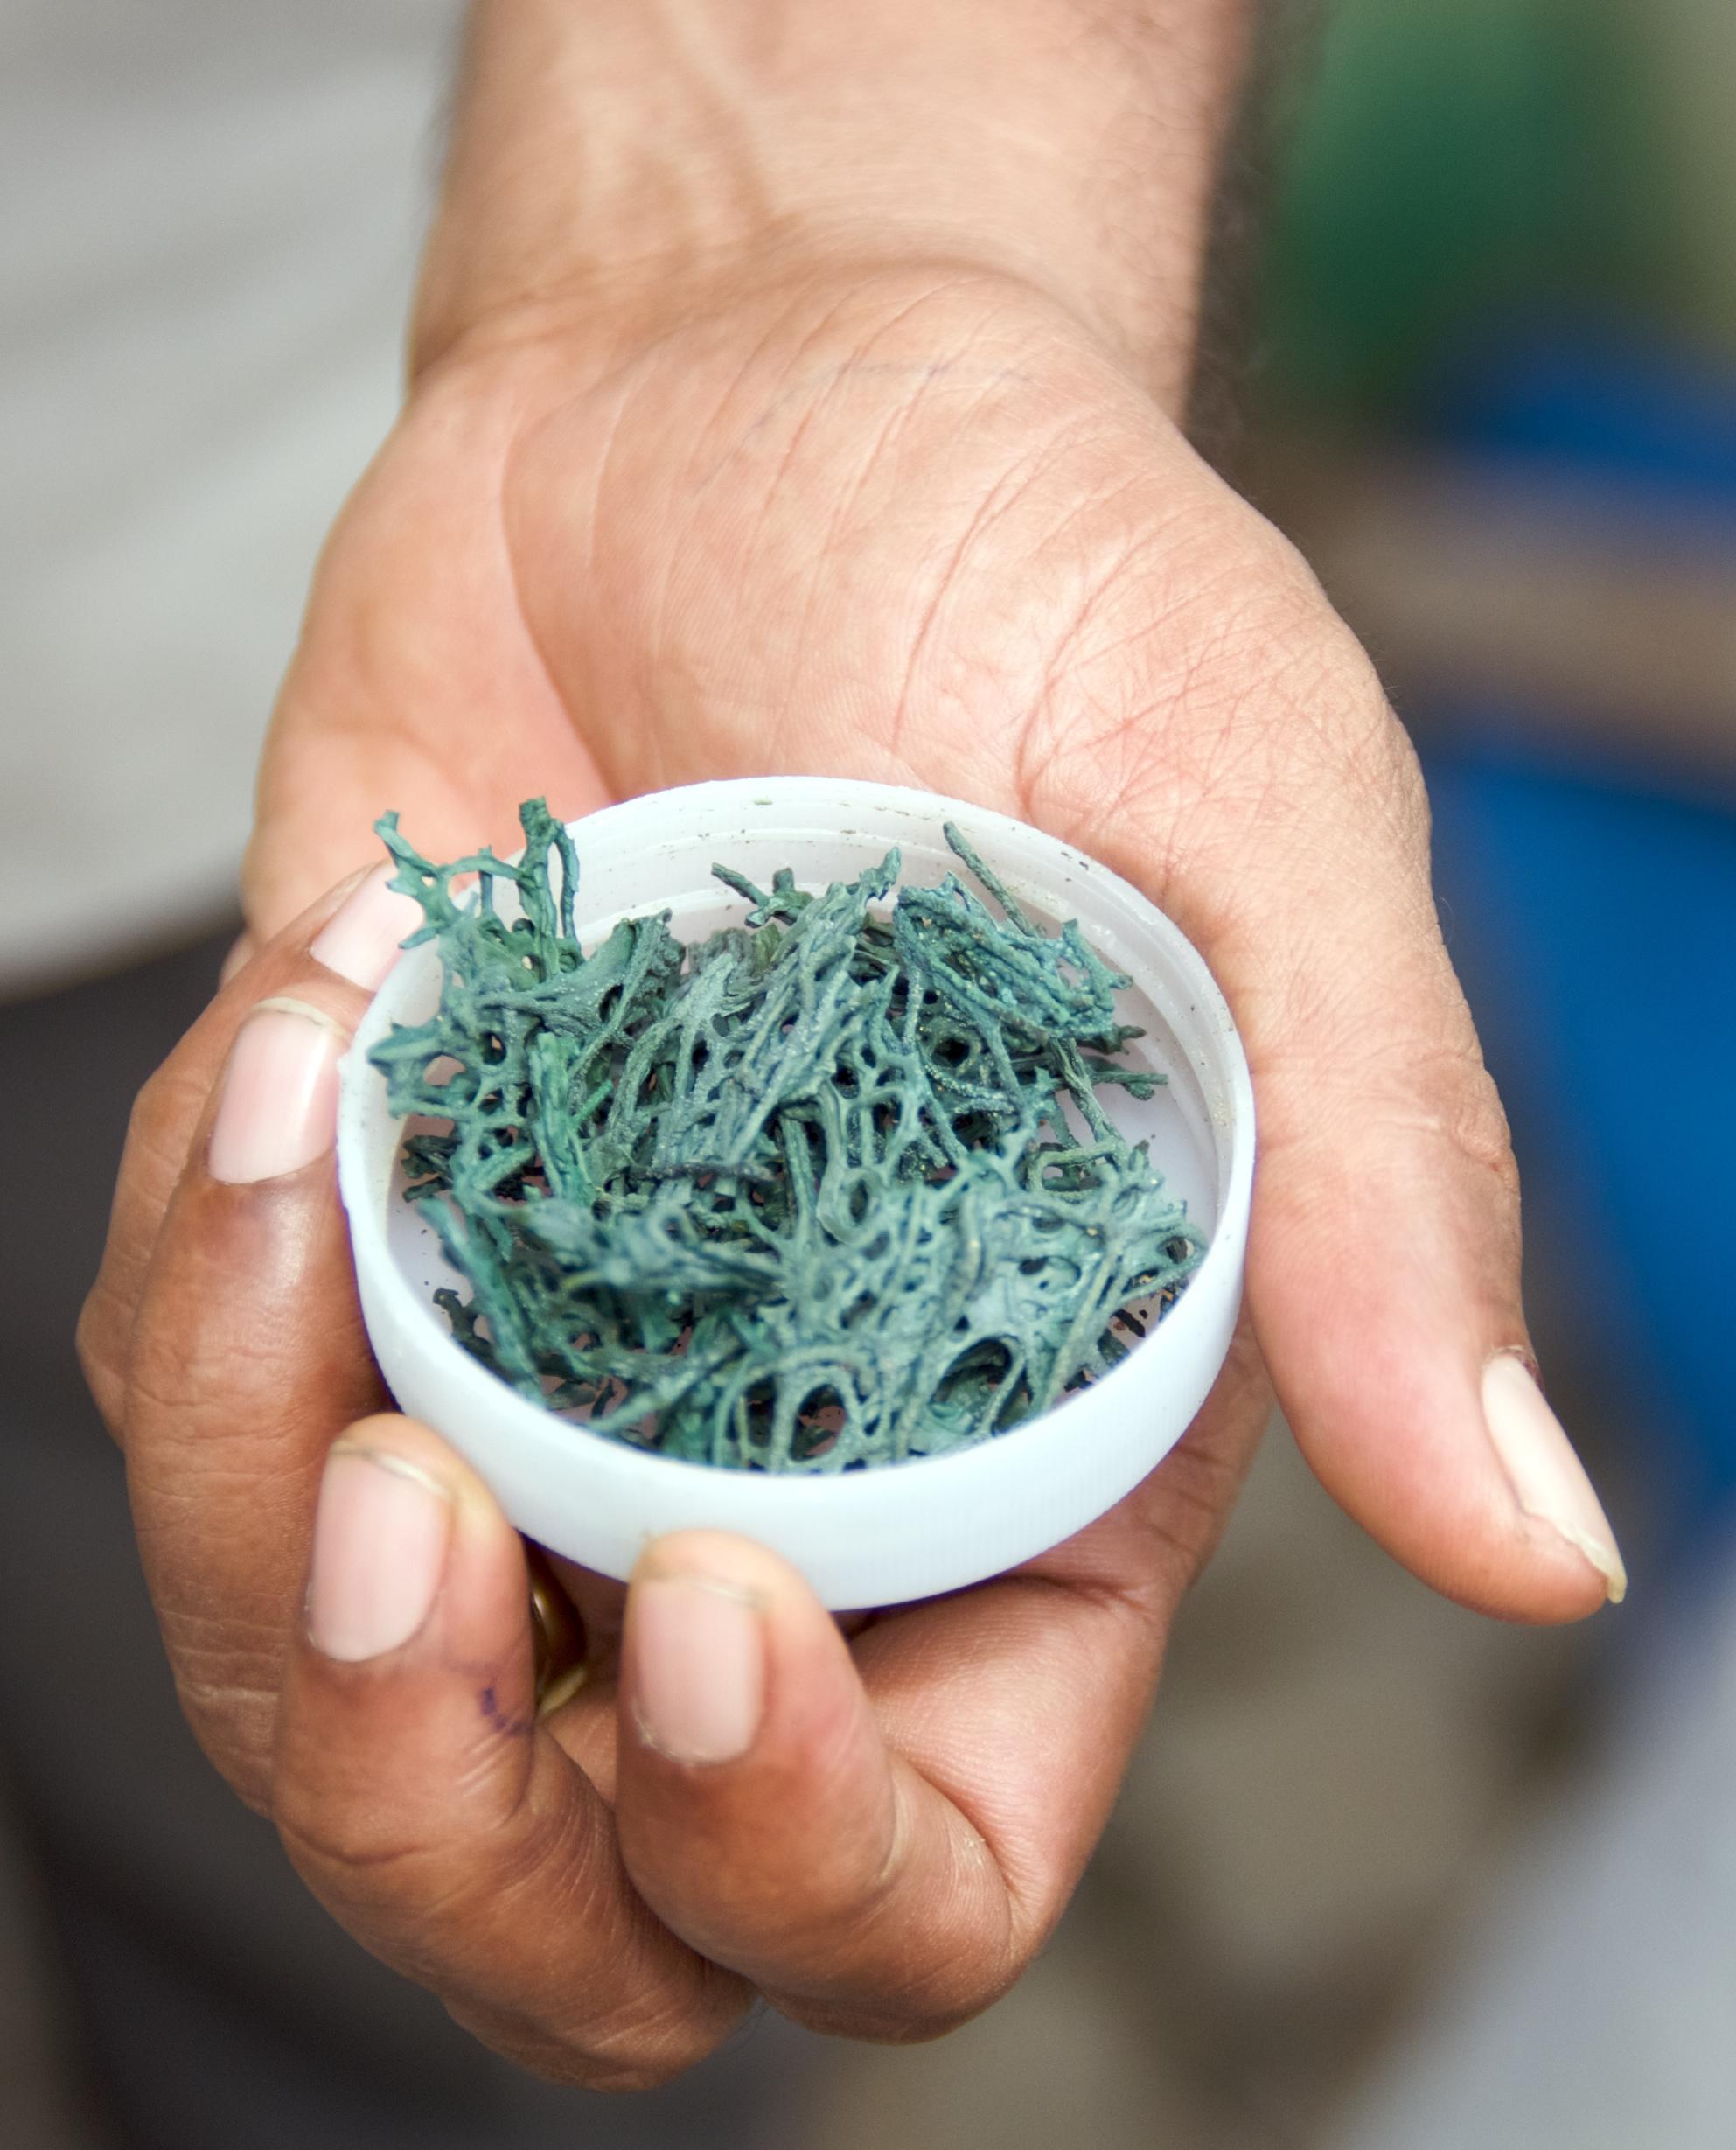 La spiruline, l'algue magique